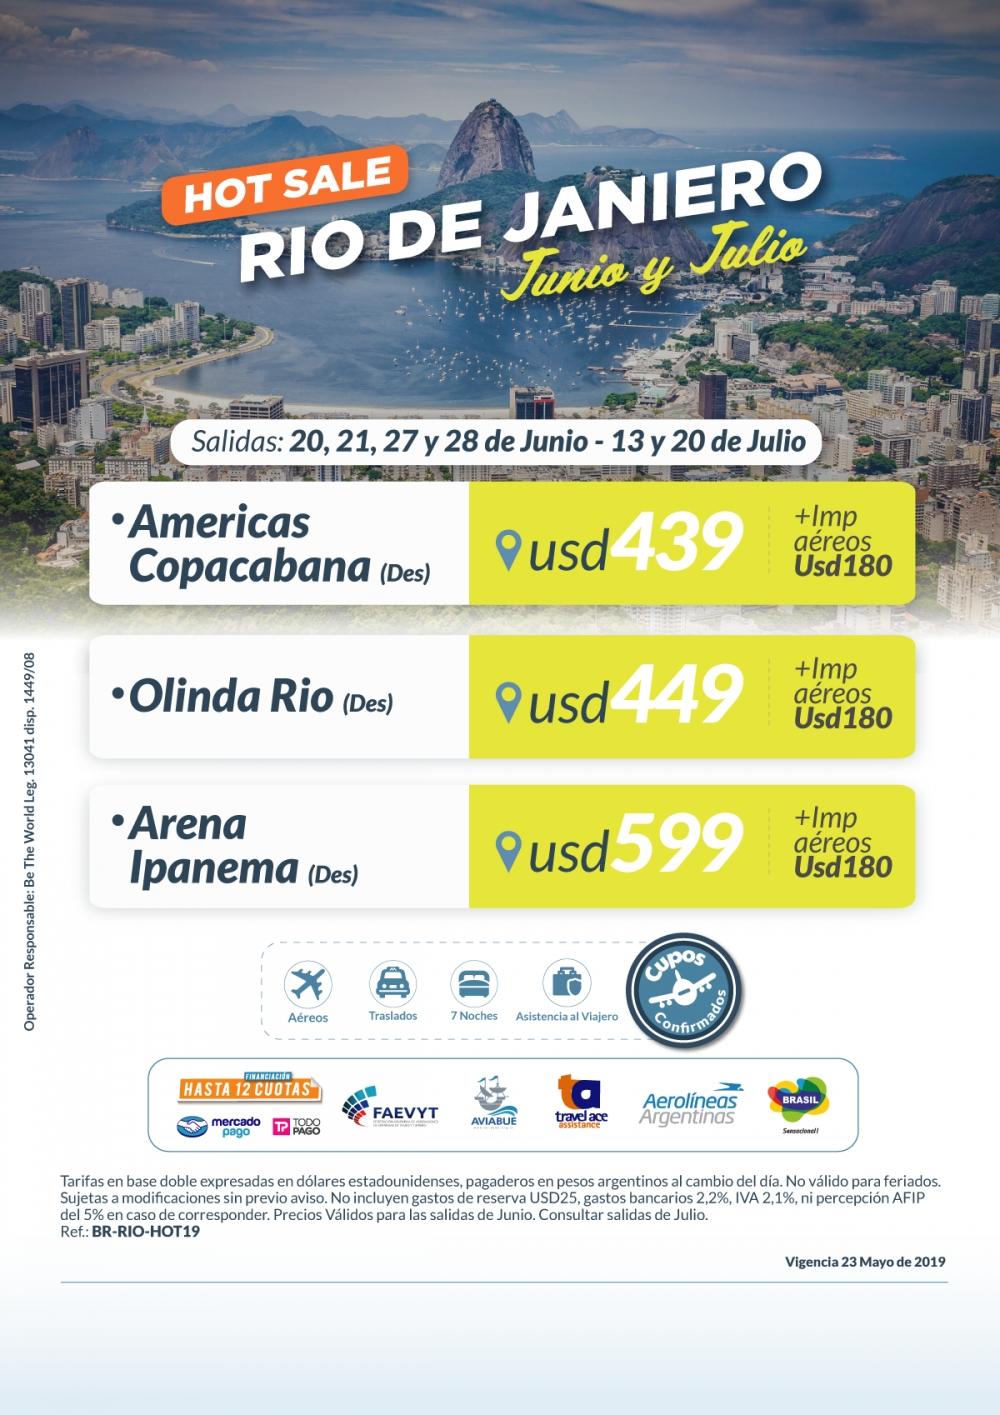 HOT RIO DE JANEIRO - Salidas Junio y Julio